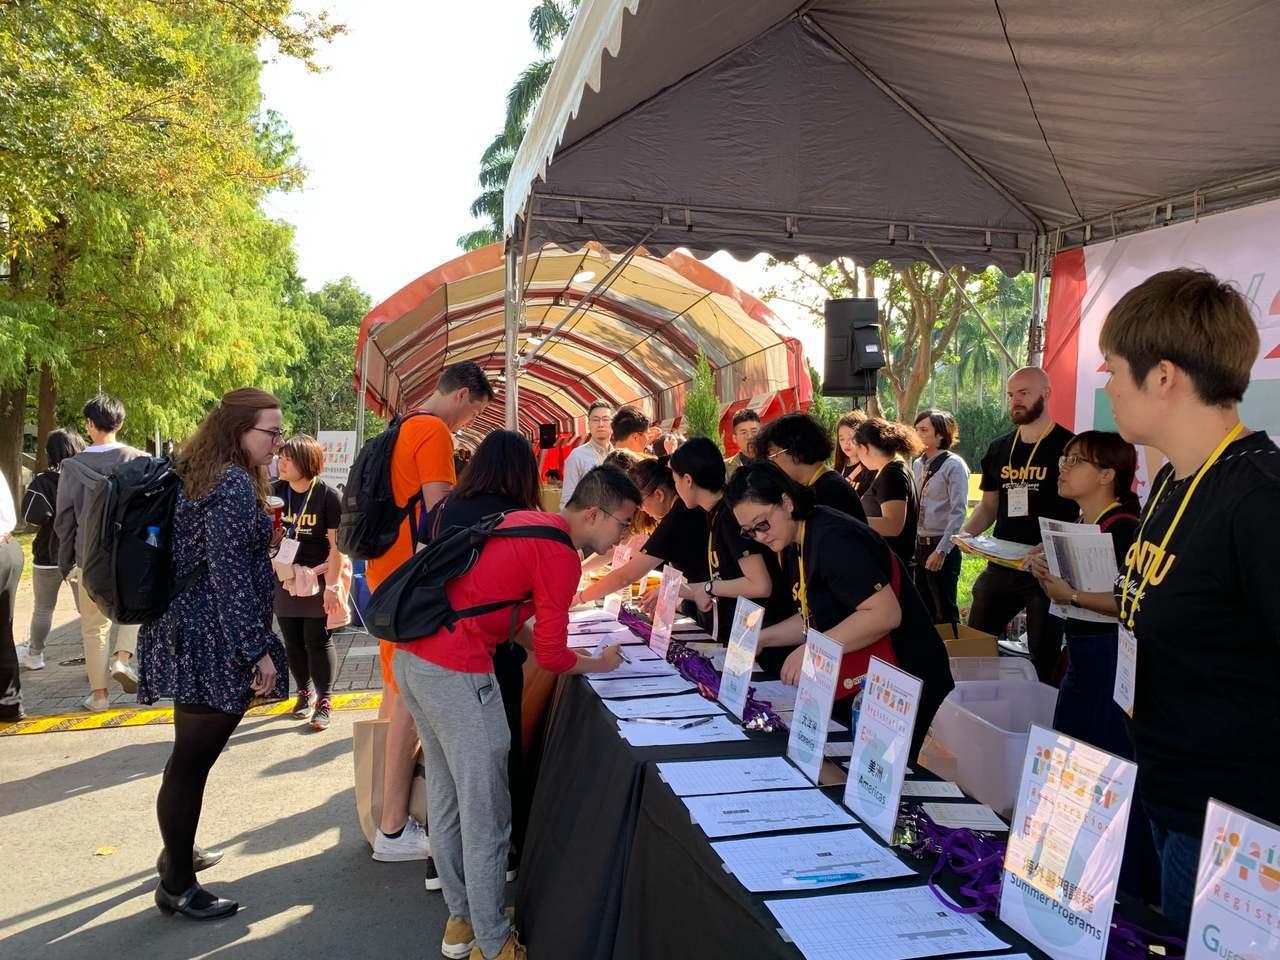 台灣大學海外教育展已舉辦12年,今年首度移師戶外舉辦,鼓勵學生出國交流。圖/台灣...